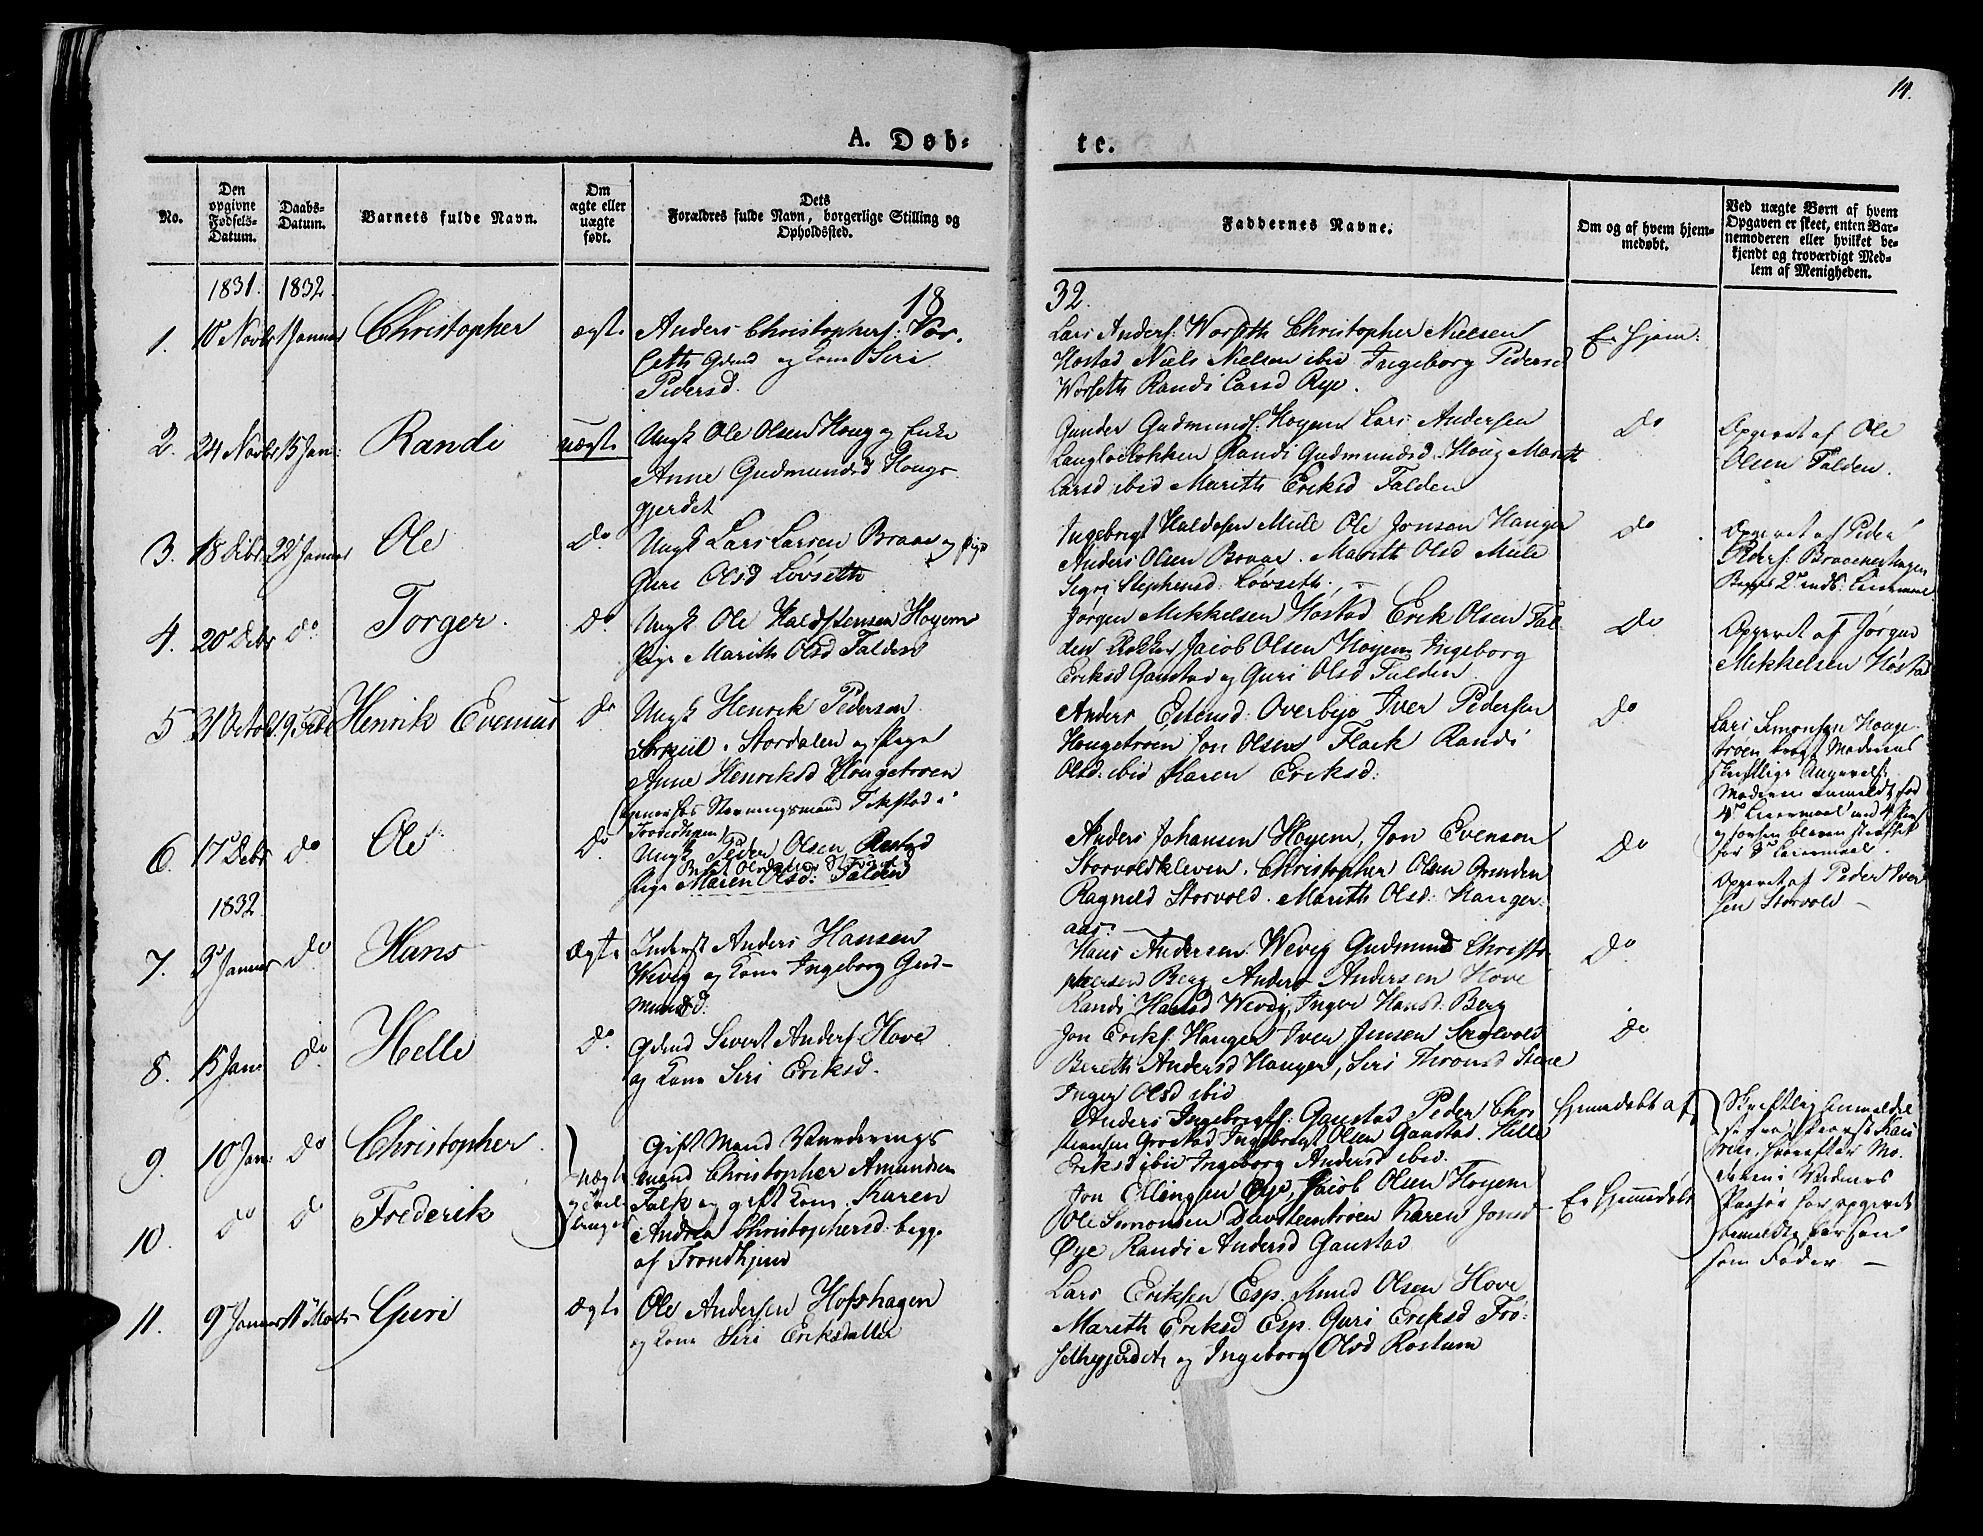 SAT, Ministerialprotokoller, klokkerbøker og fødselsregistre - Sør-Trøndelag, 612/L0374: Ministerialbok nr. 612A07 /1, 1829-1845, s. 14